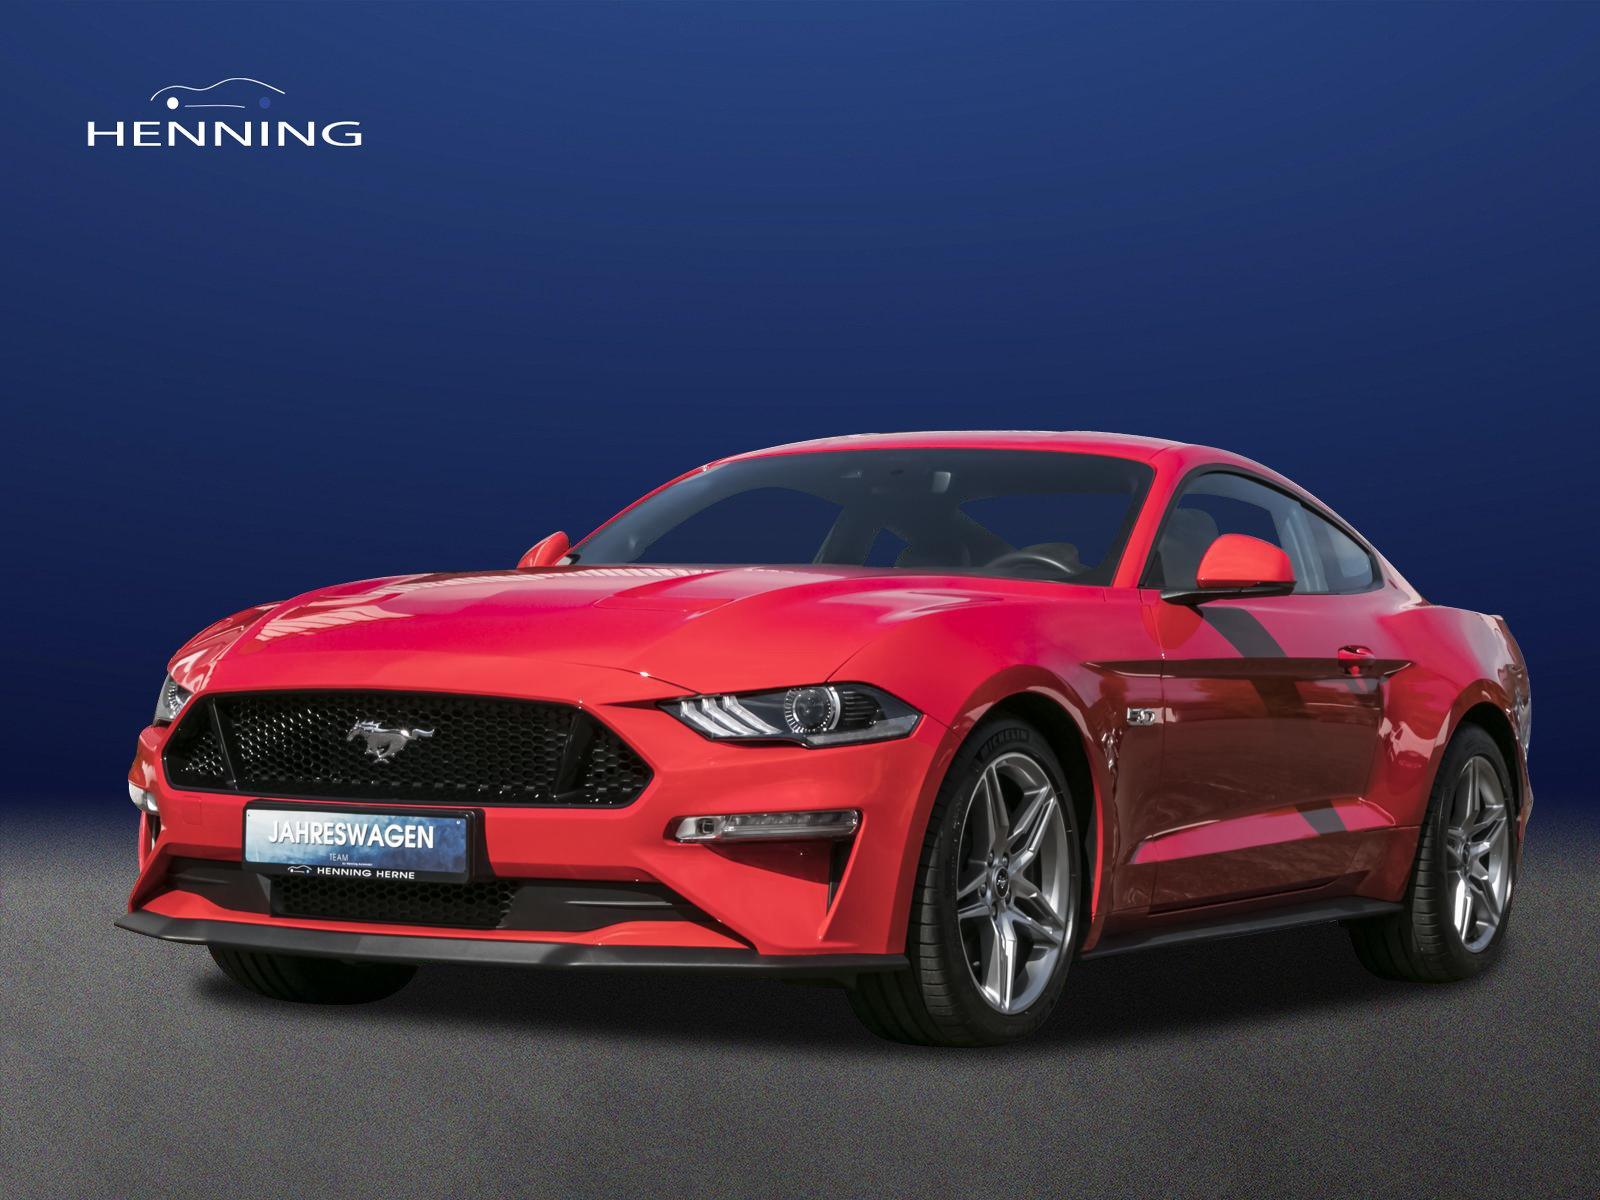 Ford Mustang 5.0 Fastback GT*DEUTSCHES FZG*UNFALLFEI*, Jahr 2018, Benzin